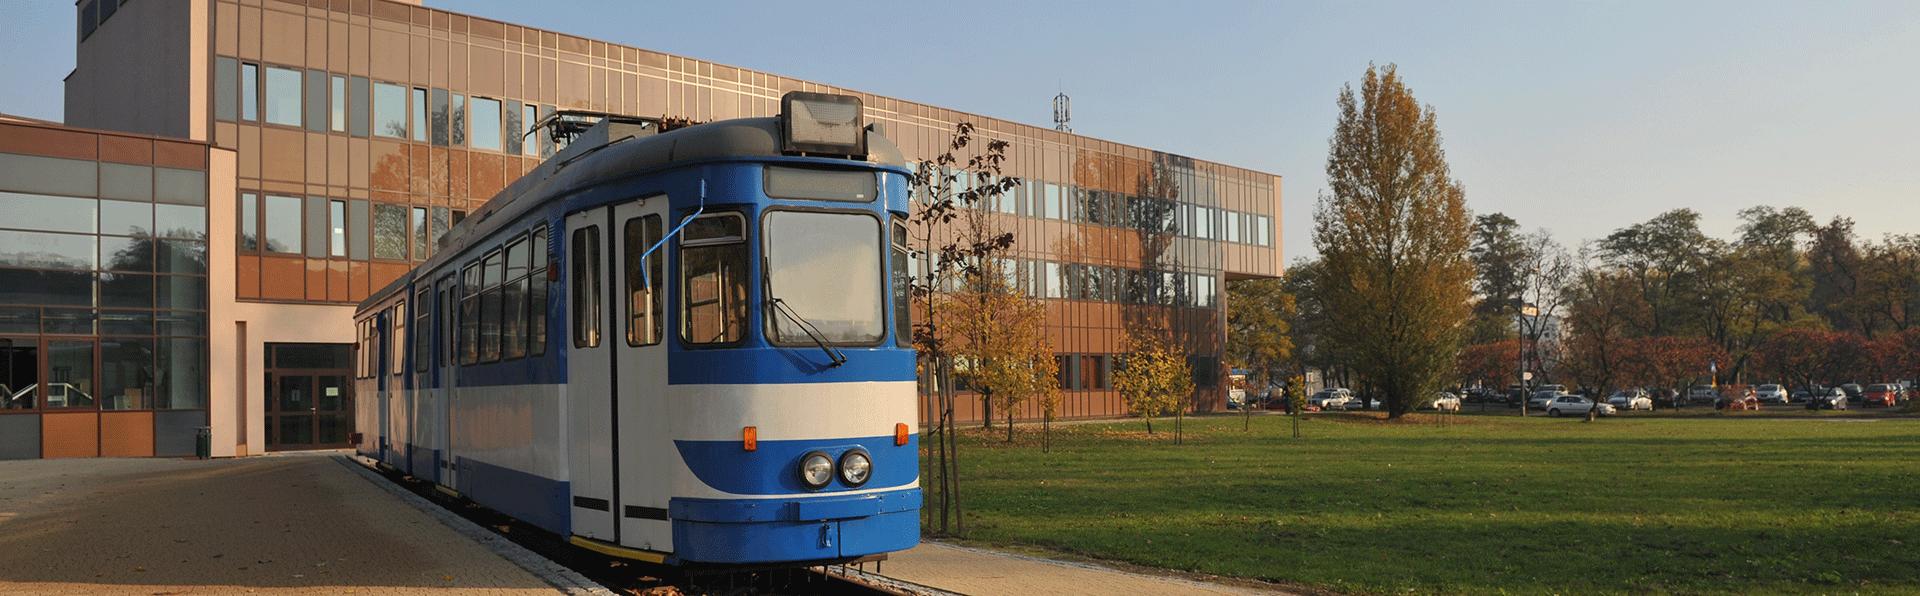 Widok Wydziału od strony tramwaju